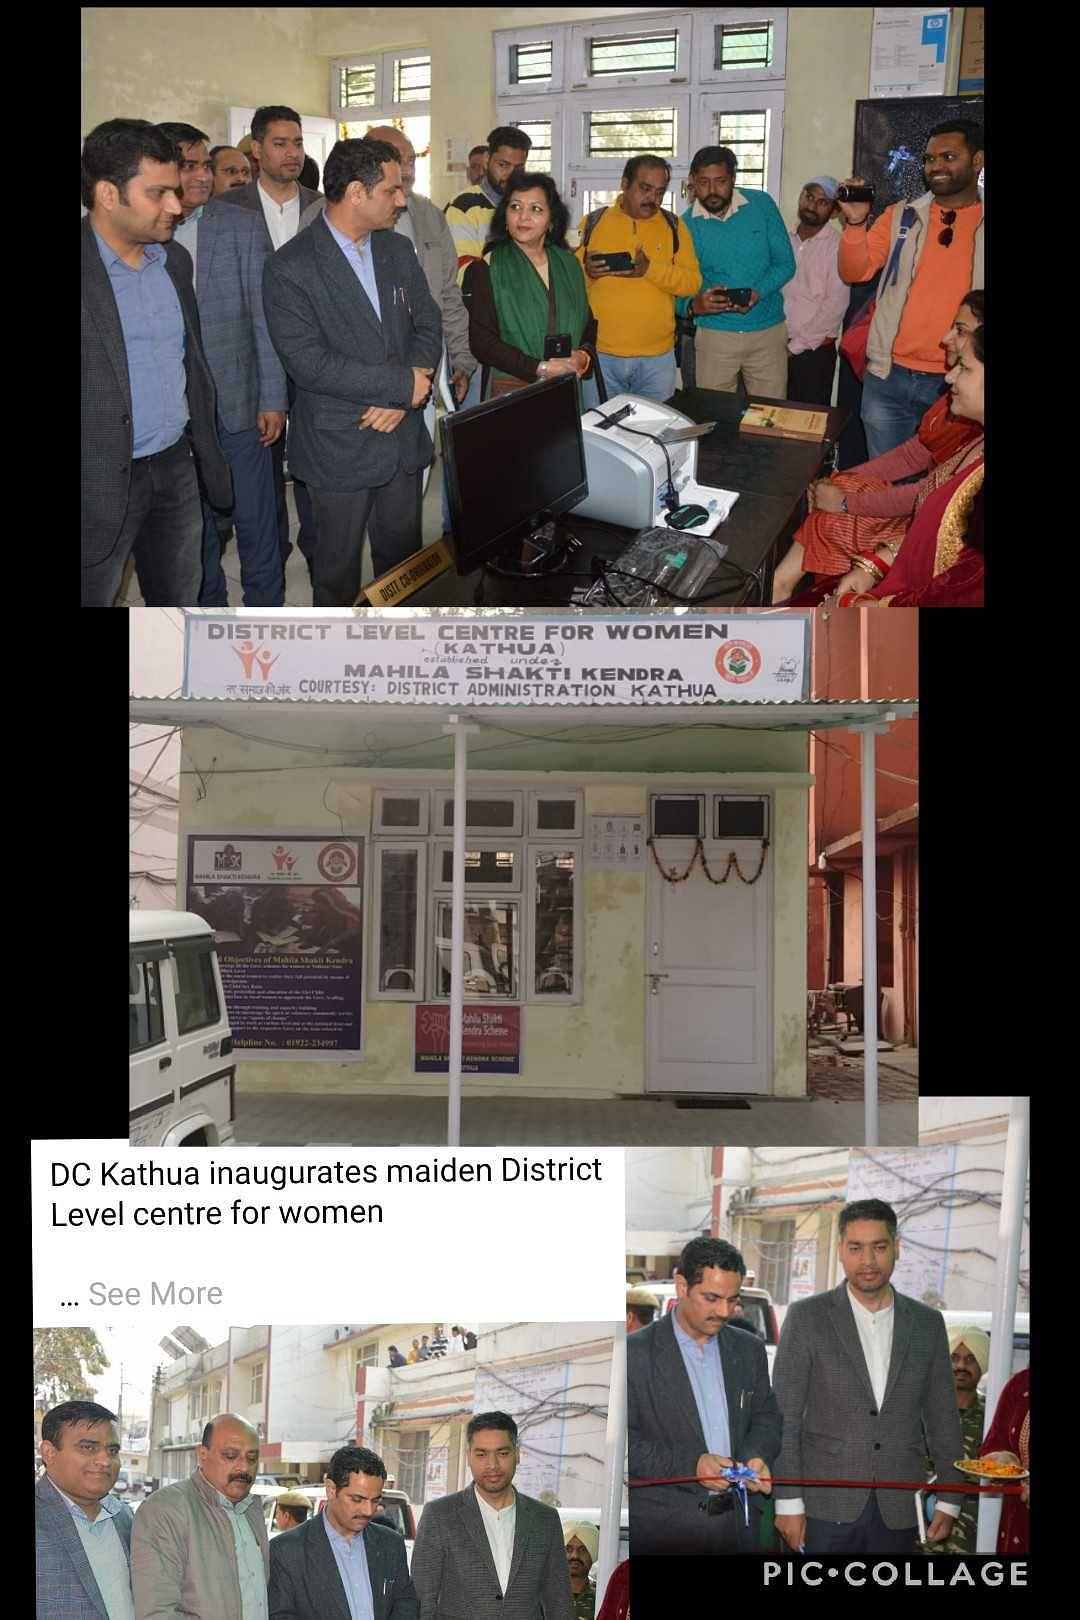 समाज कल्याण विभाग कठुआ ने लाॅकडाउन में 12976 लाभार्थियों के बीच 1.29 करोड़ रुपये की पेंशन का वितरण किया